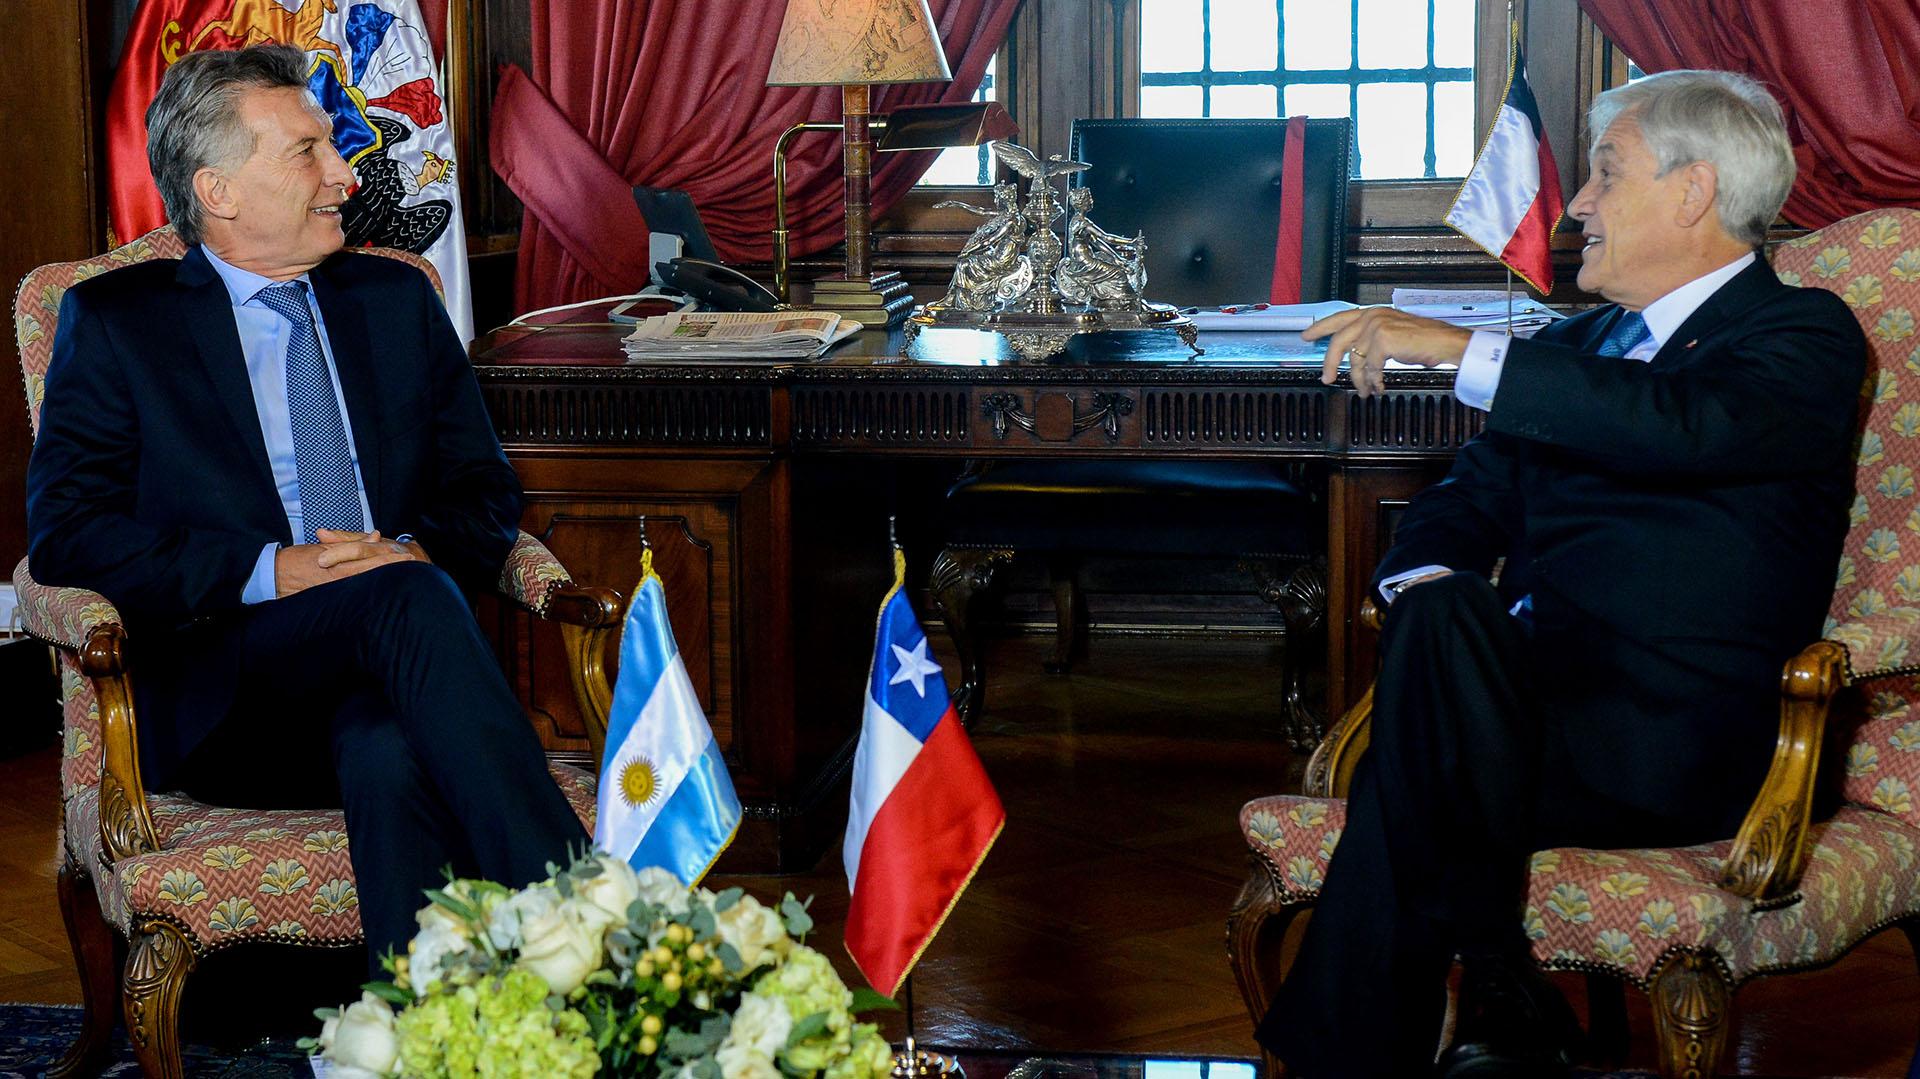 Macri y Piñera en la reunión que tuvieron el 11 de marzo, antes de la ceremonia de asunción.